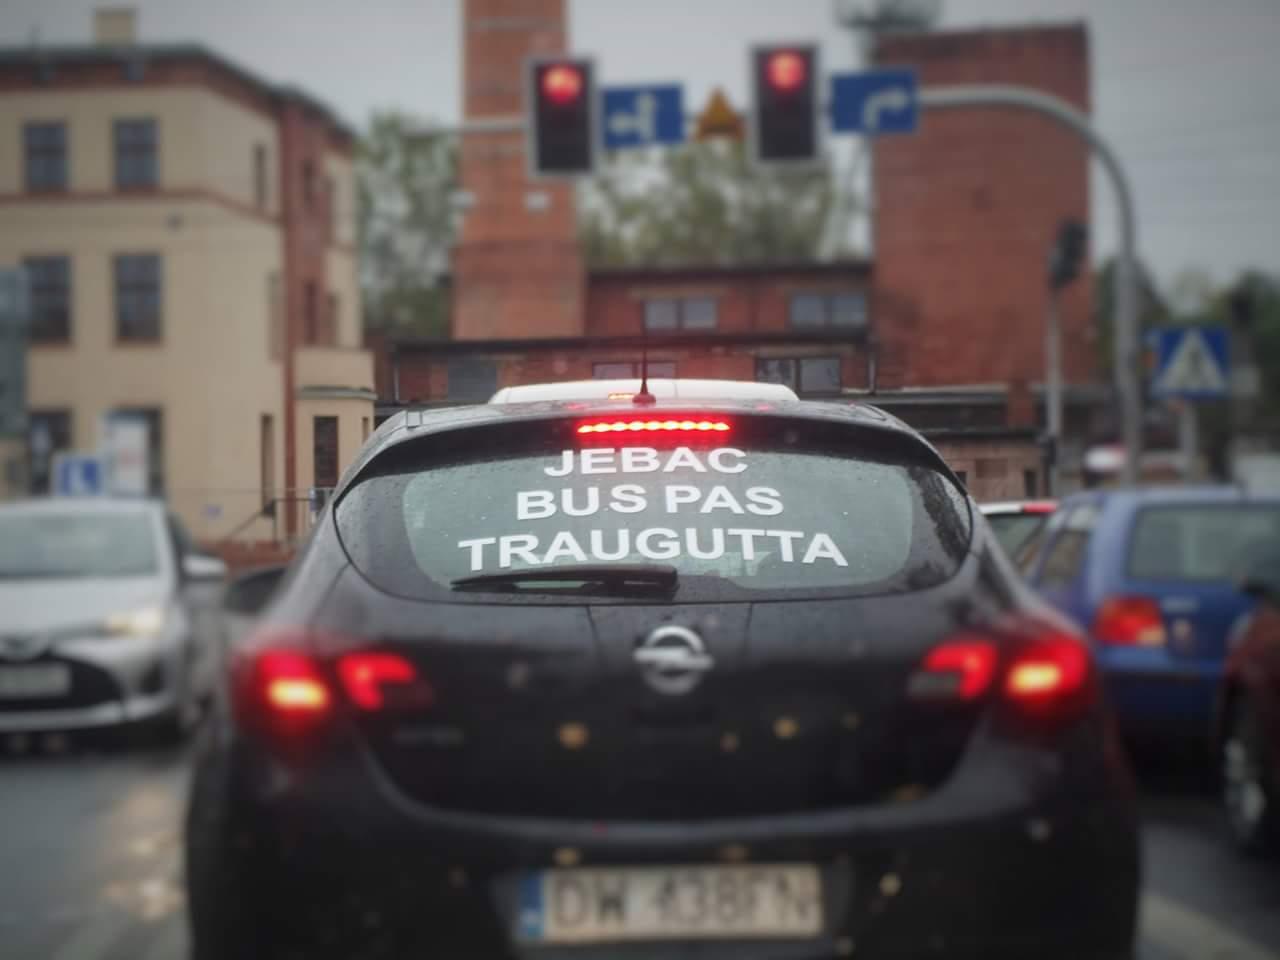 Mieszkańcy domagają się likwidacji buspasa na ul. Traugutta. – Miejsca we Wrocławiu.